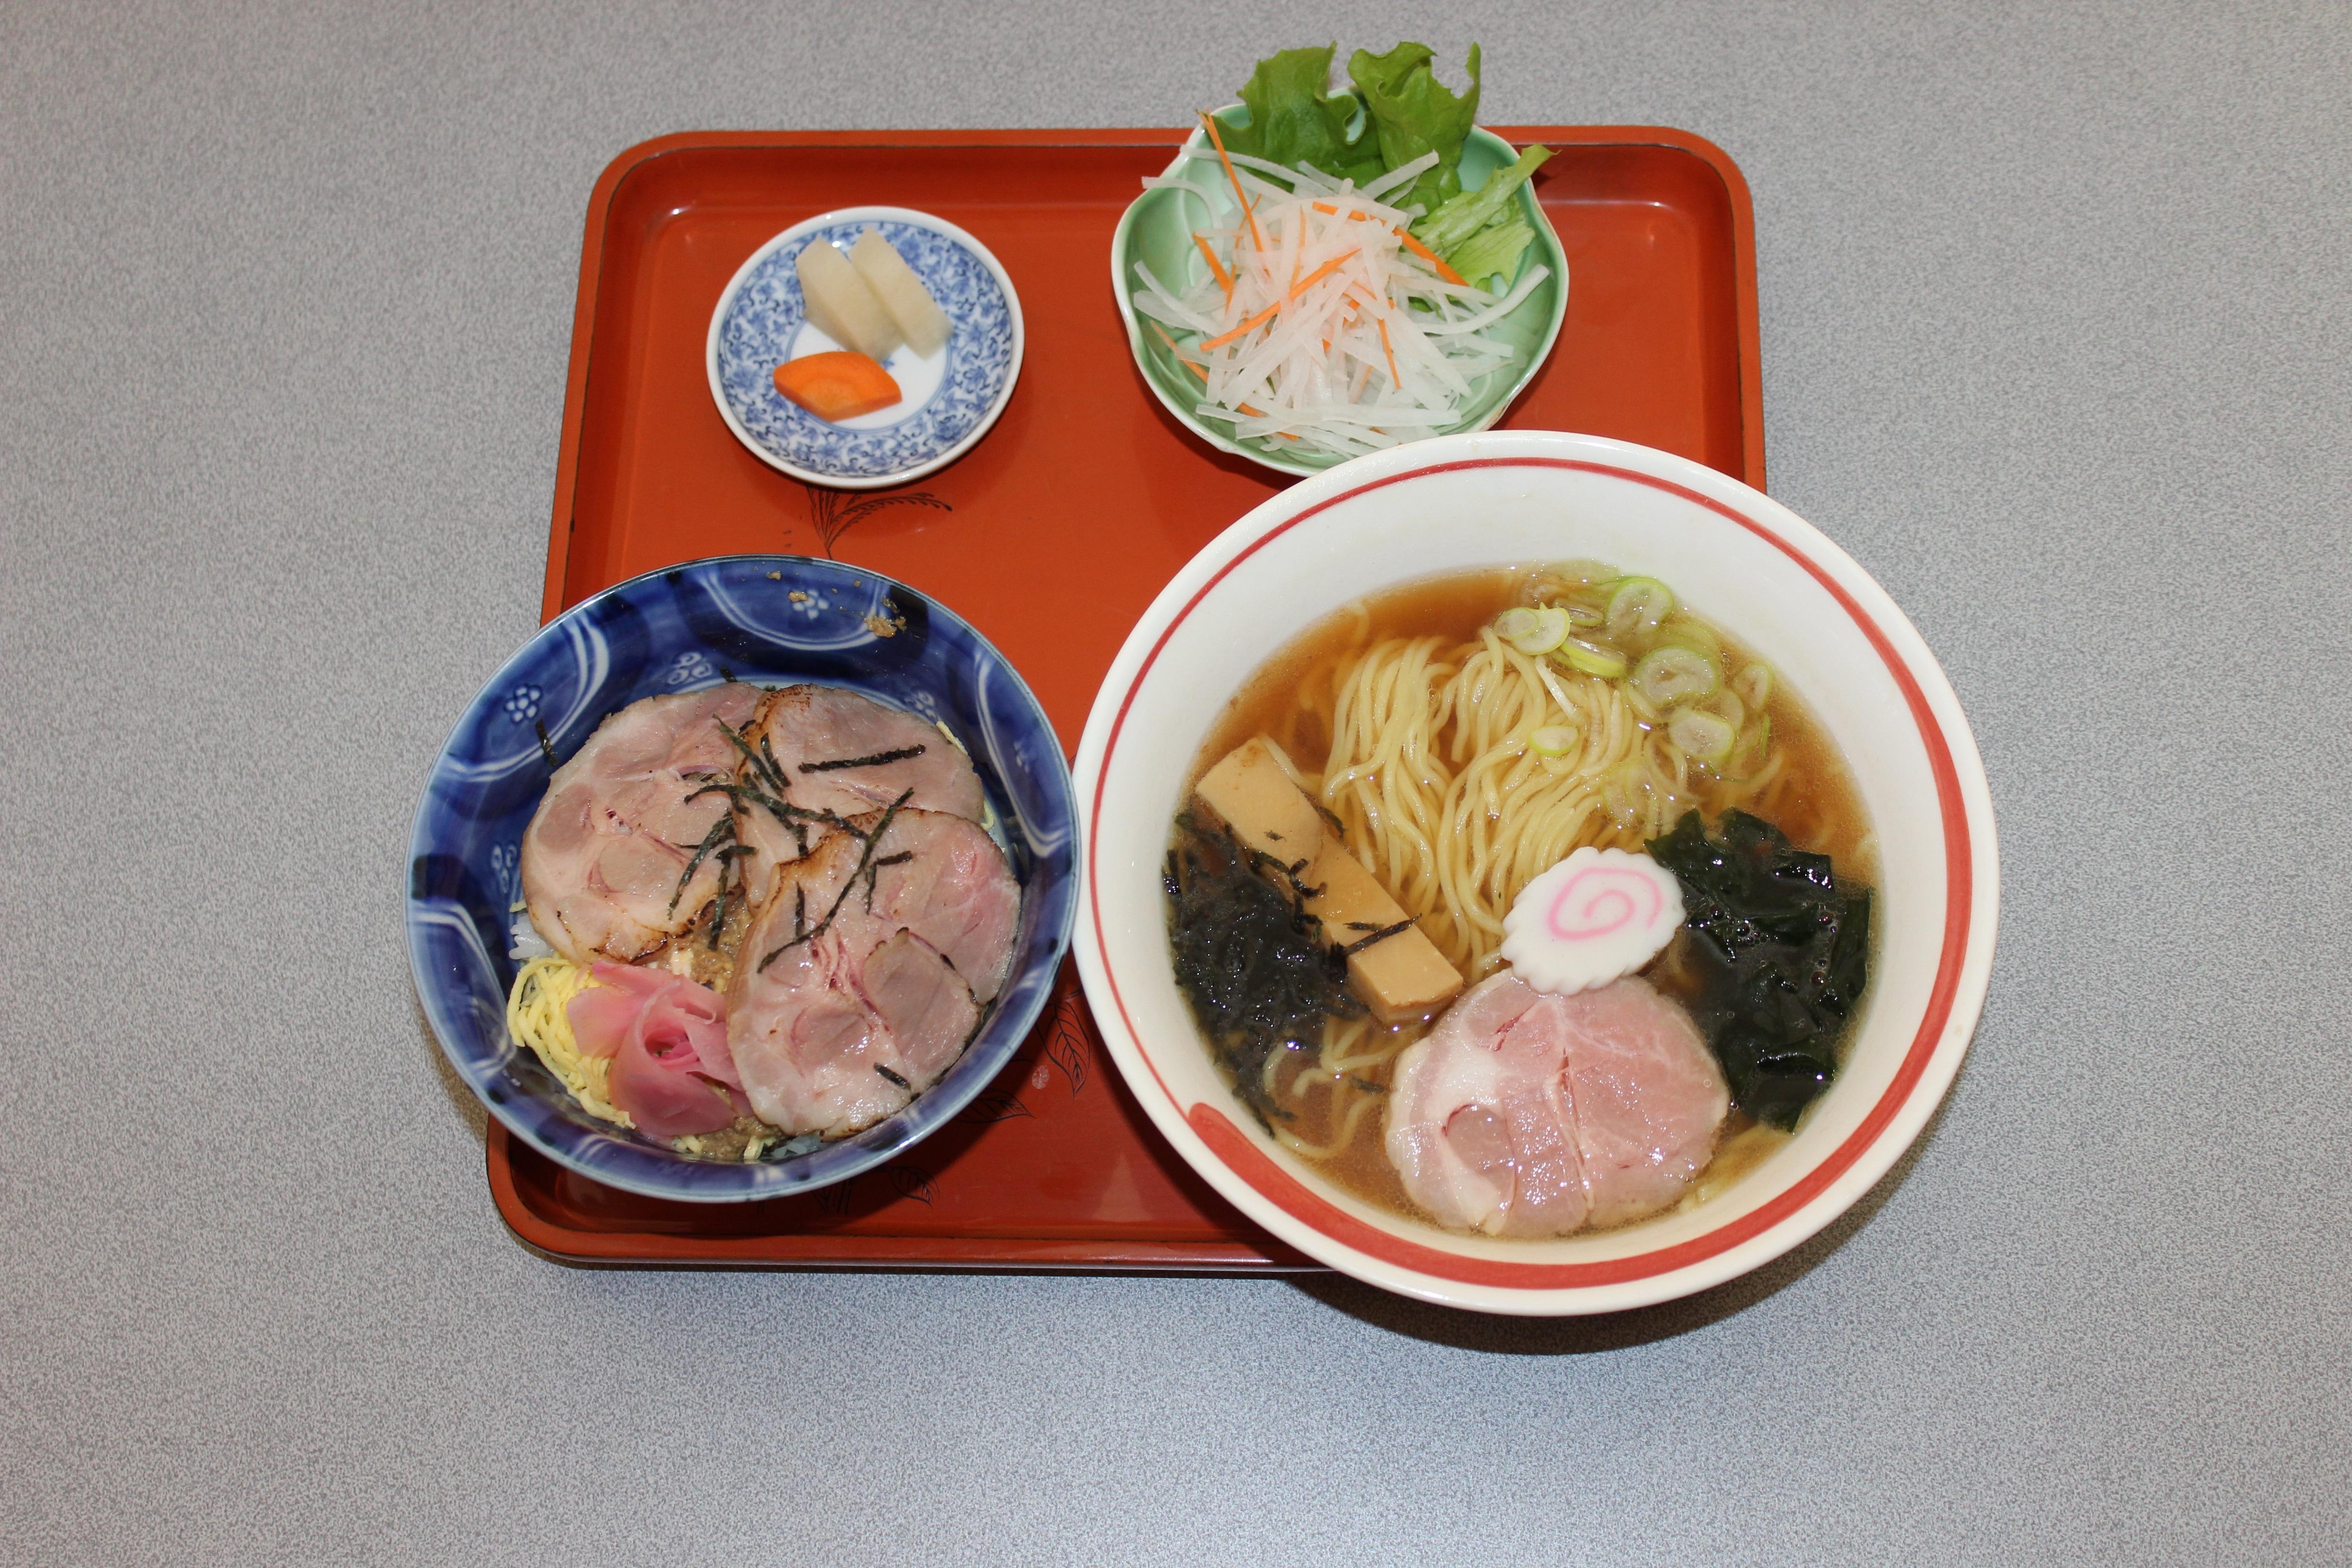 ミニチャーシュー丼&蕎麦、うどん、ラーメン選べるCセット(ランチ、ディナー両方ご利用いただけます)のイメージその1